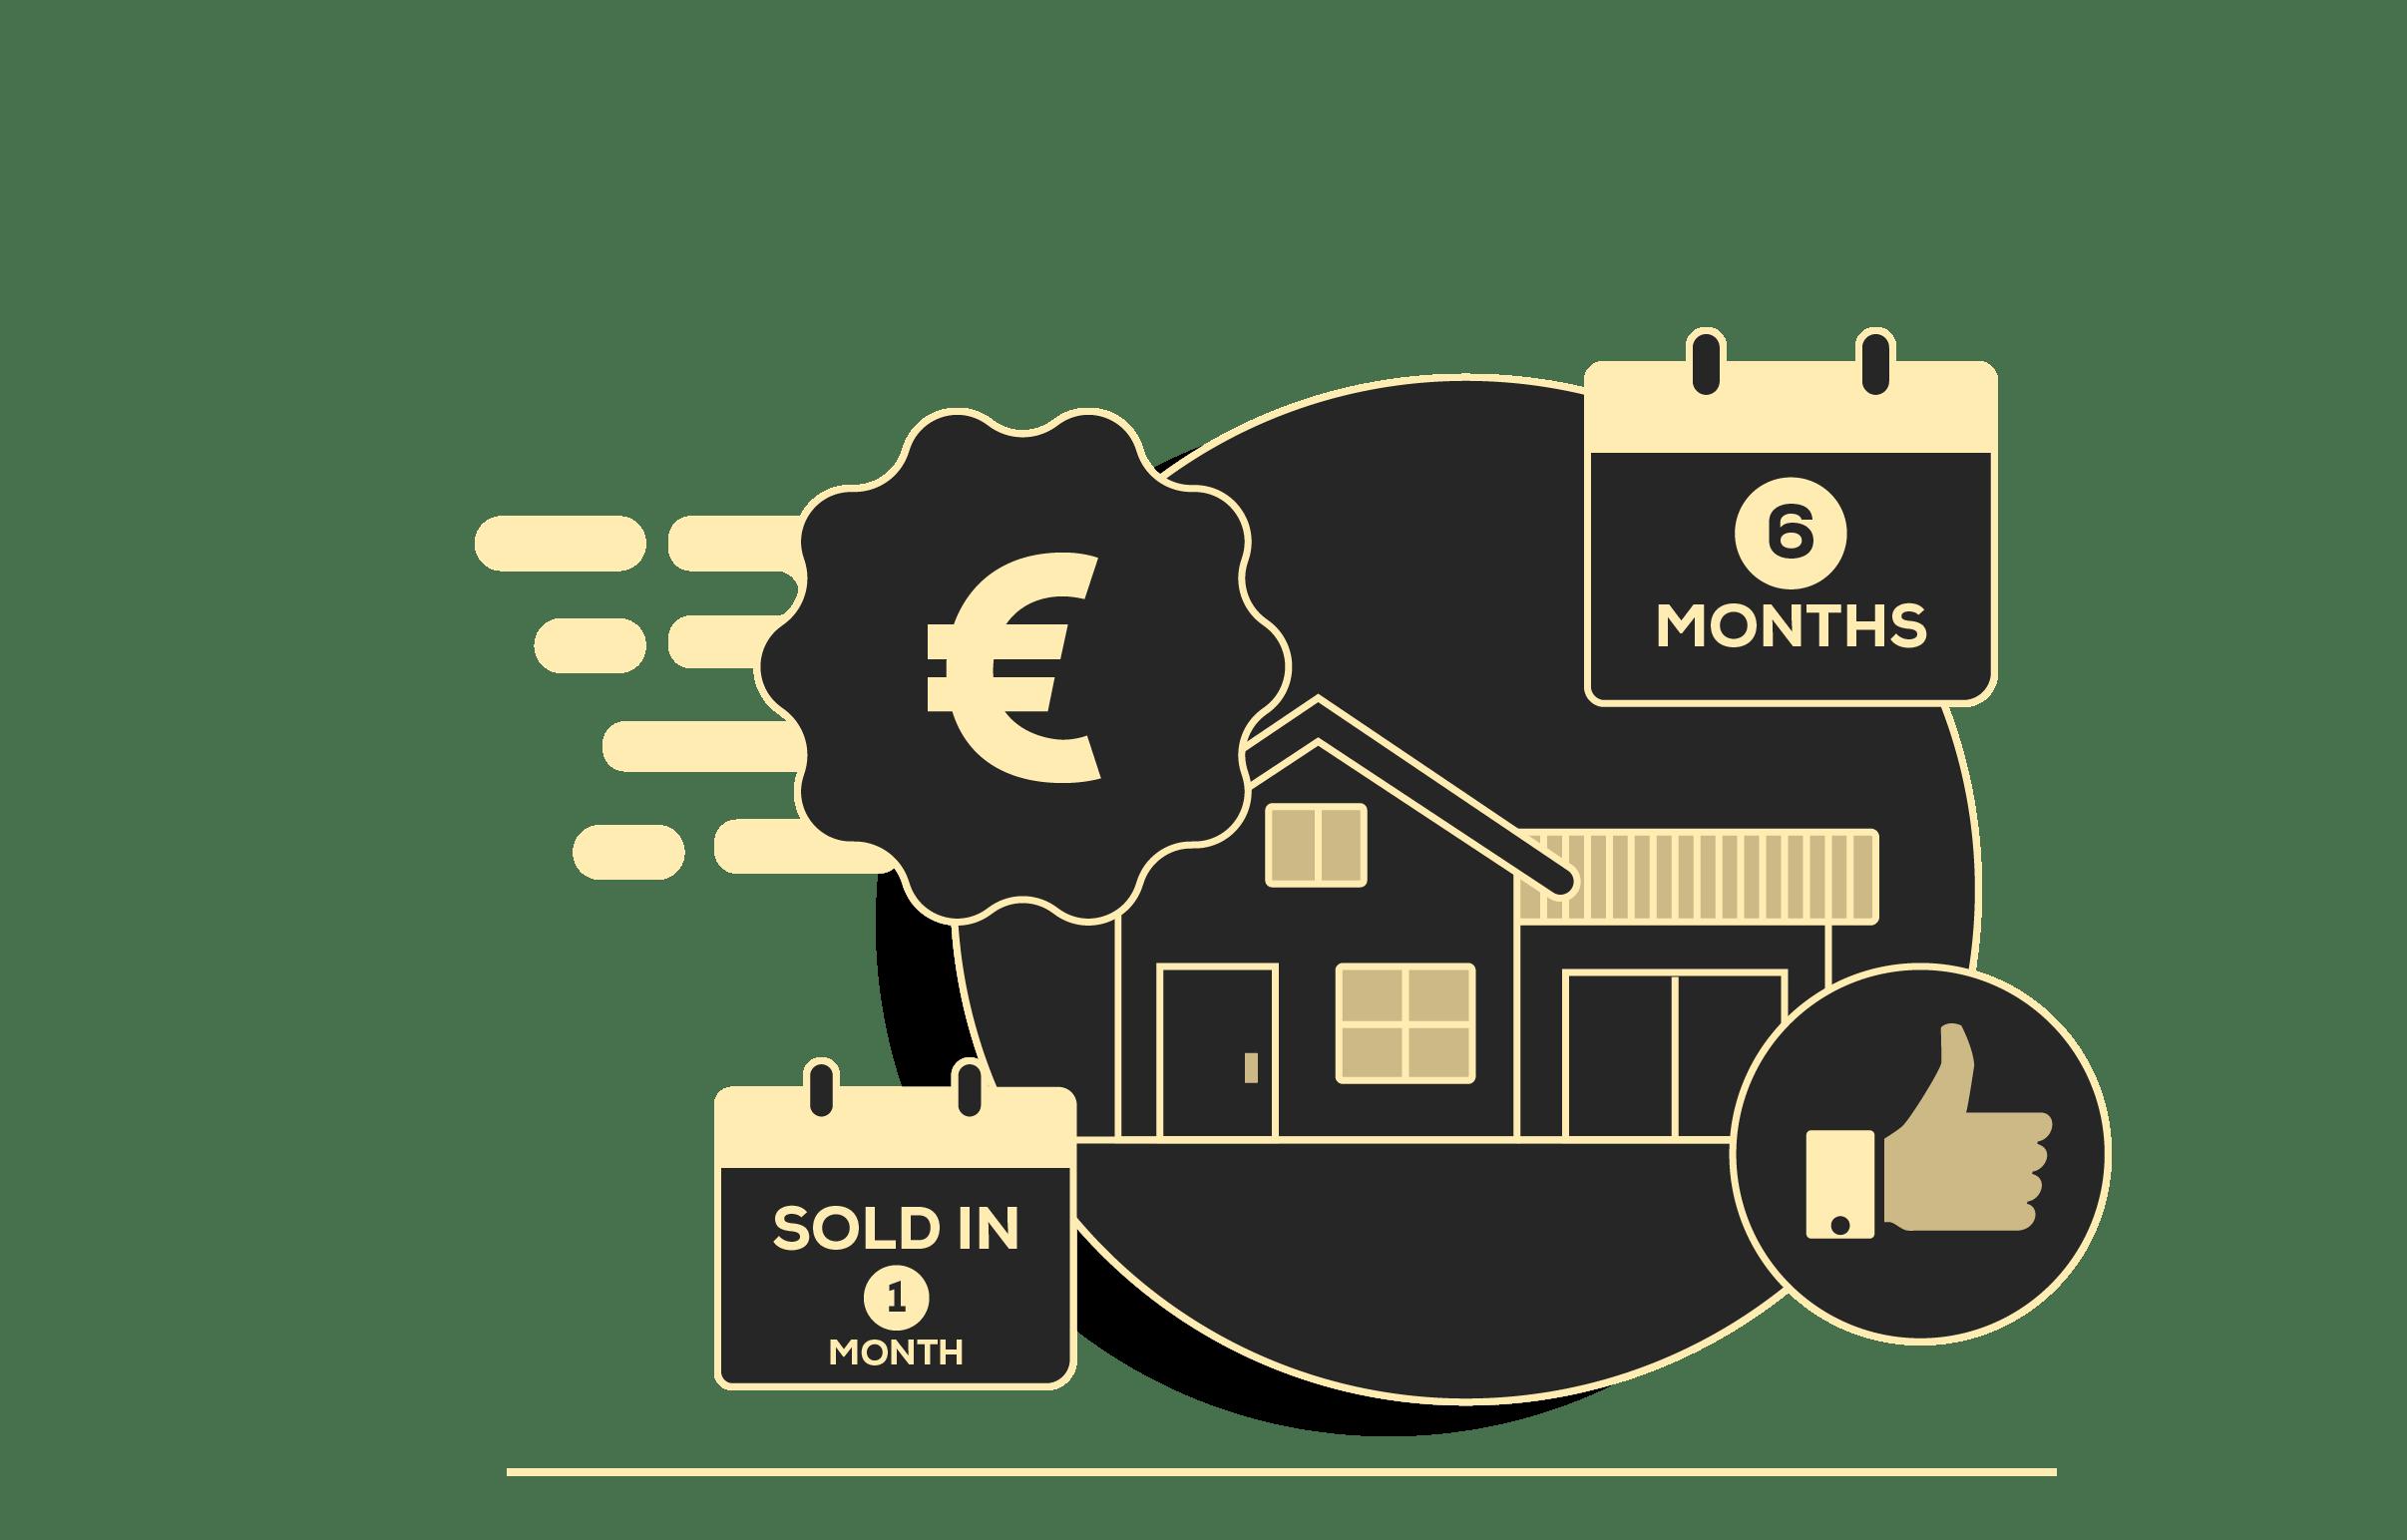 Wie Sie Immobilien schnell und gut verkaufen